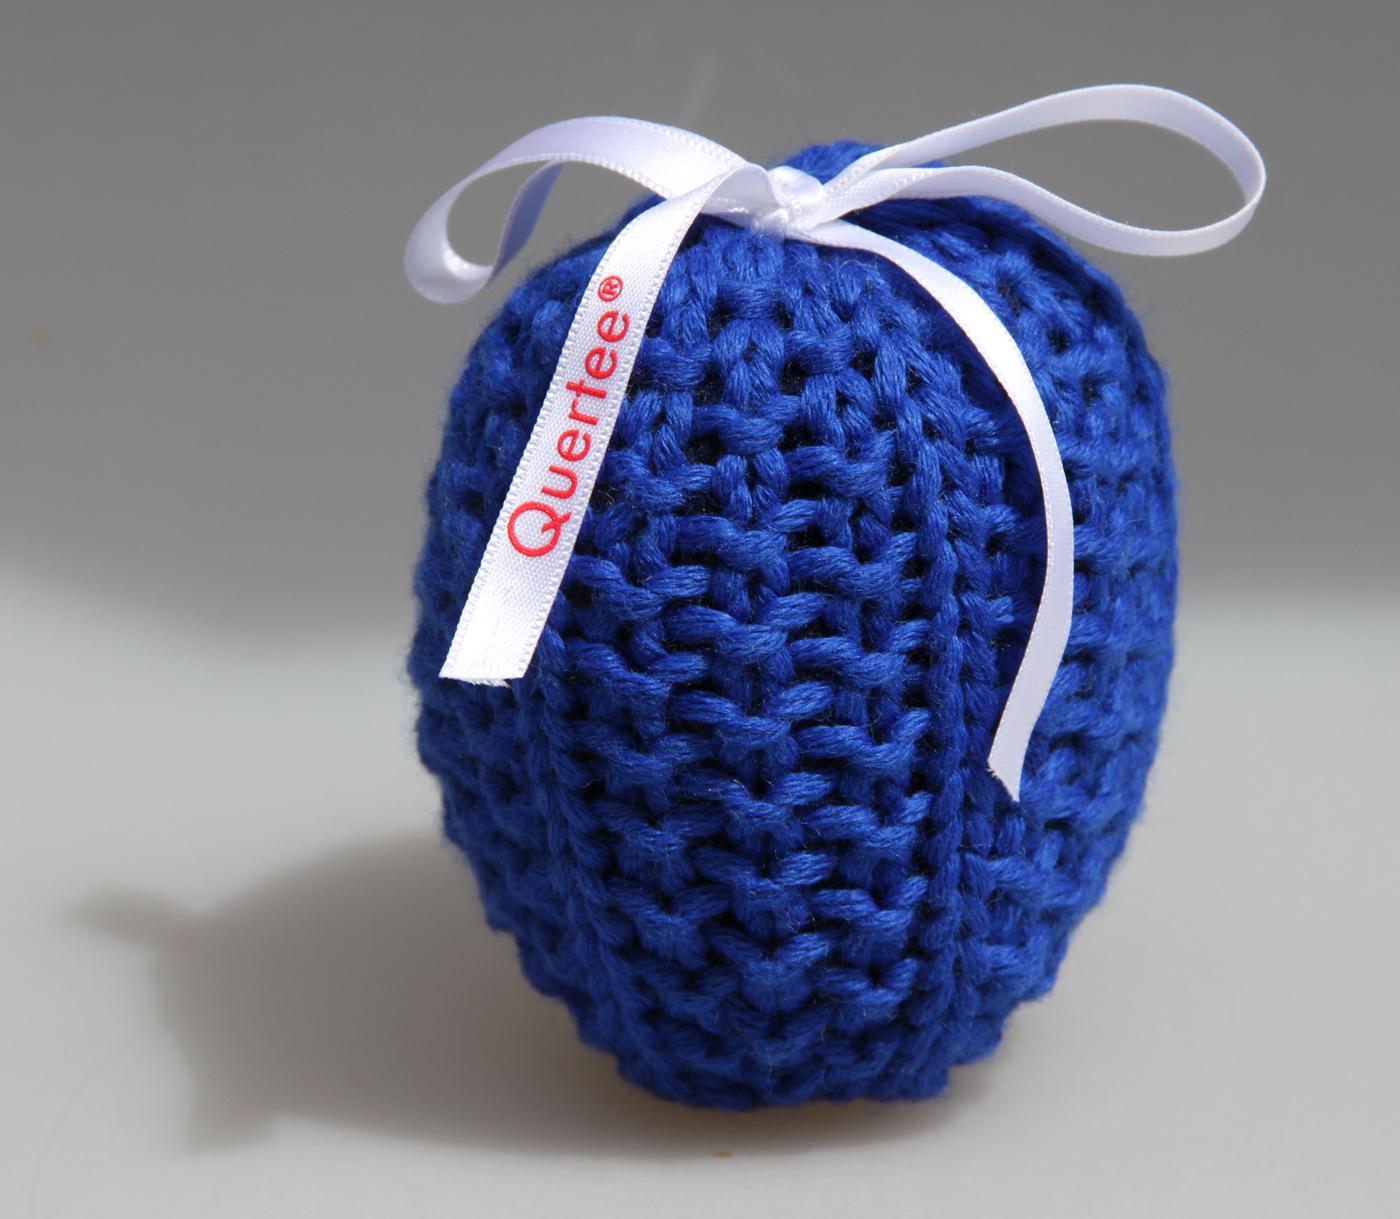 Blaues Lavendelsäckchen liebevoll gestrickt. Gefüllt mit echtem französichem Lavendel - 10 g von Quertee®